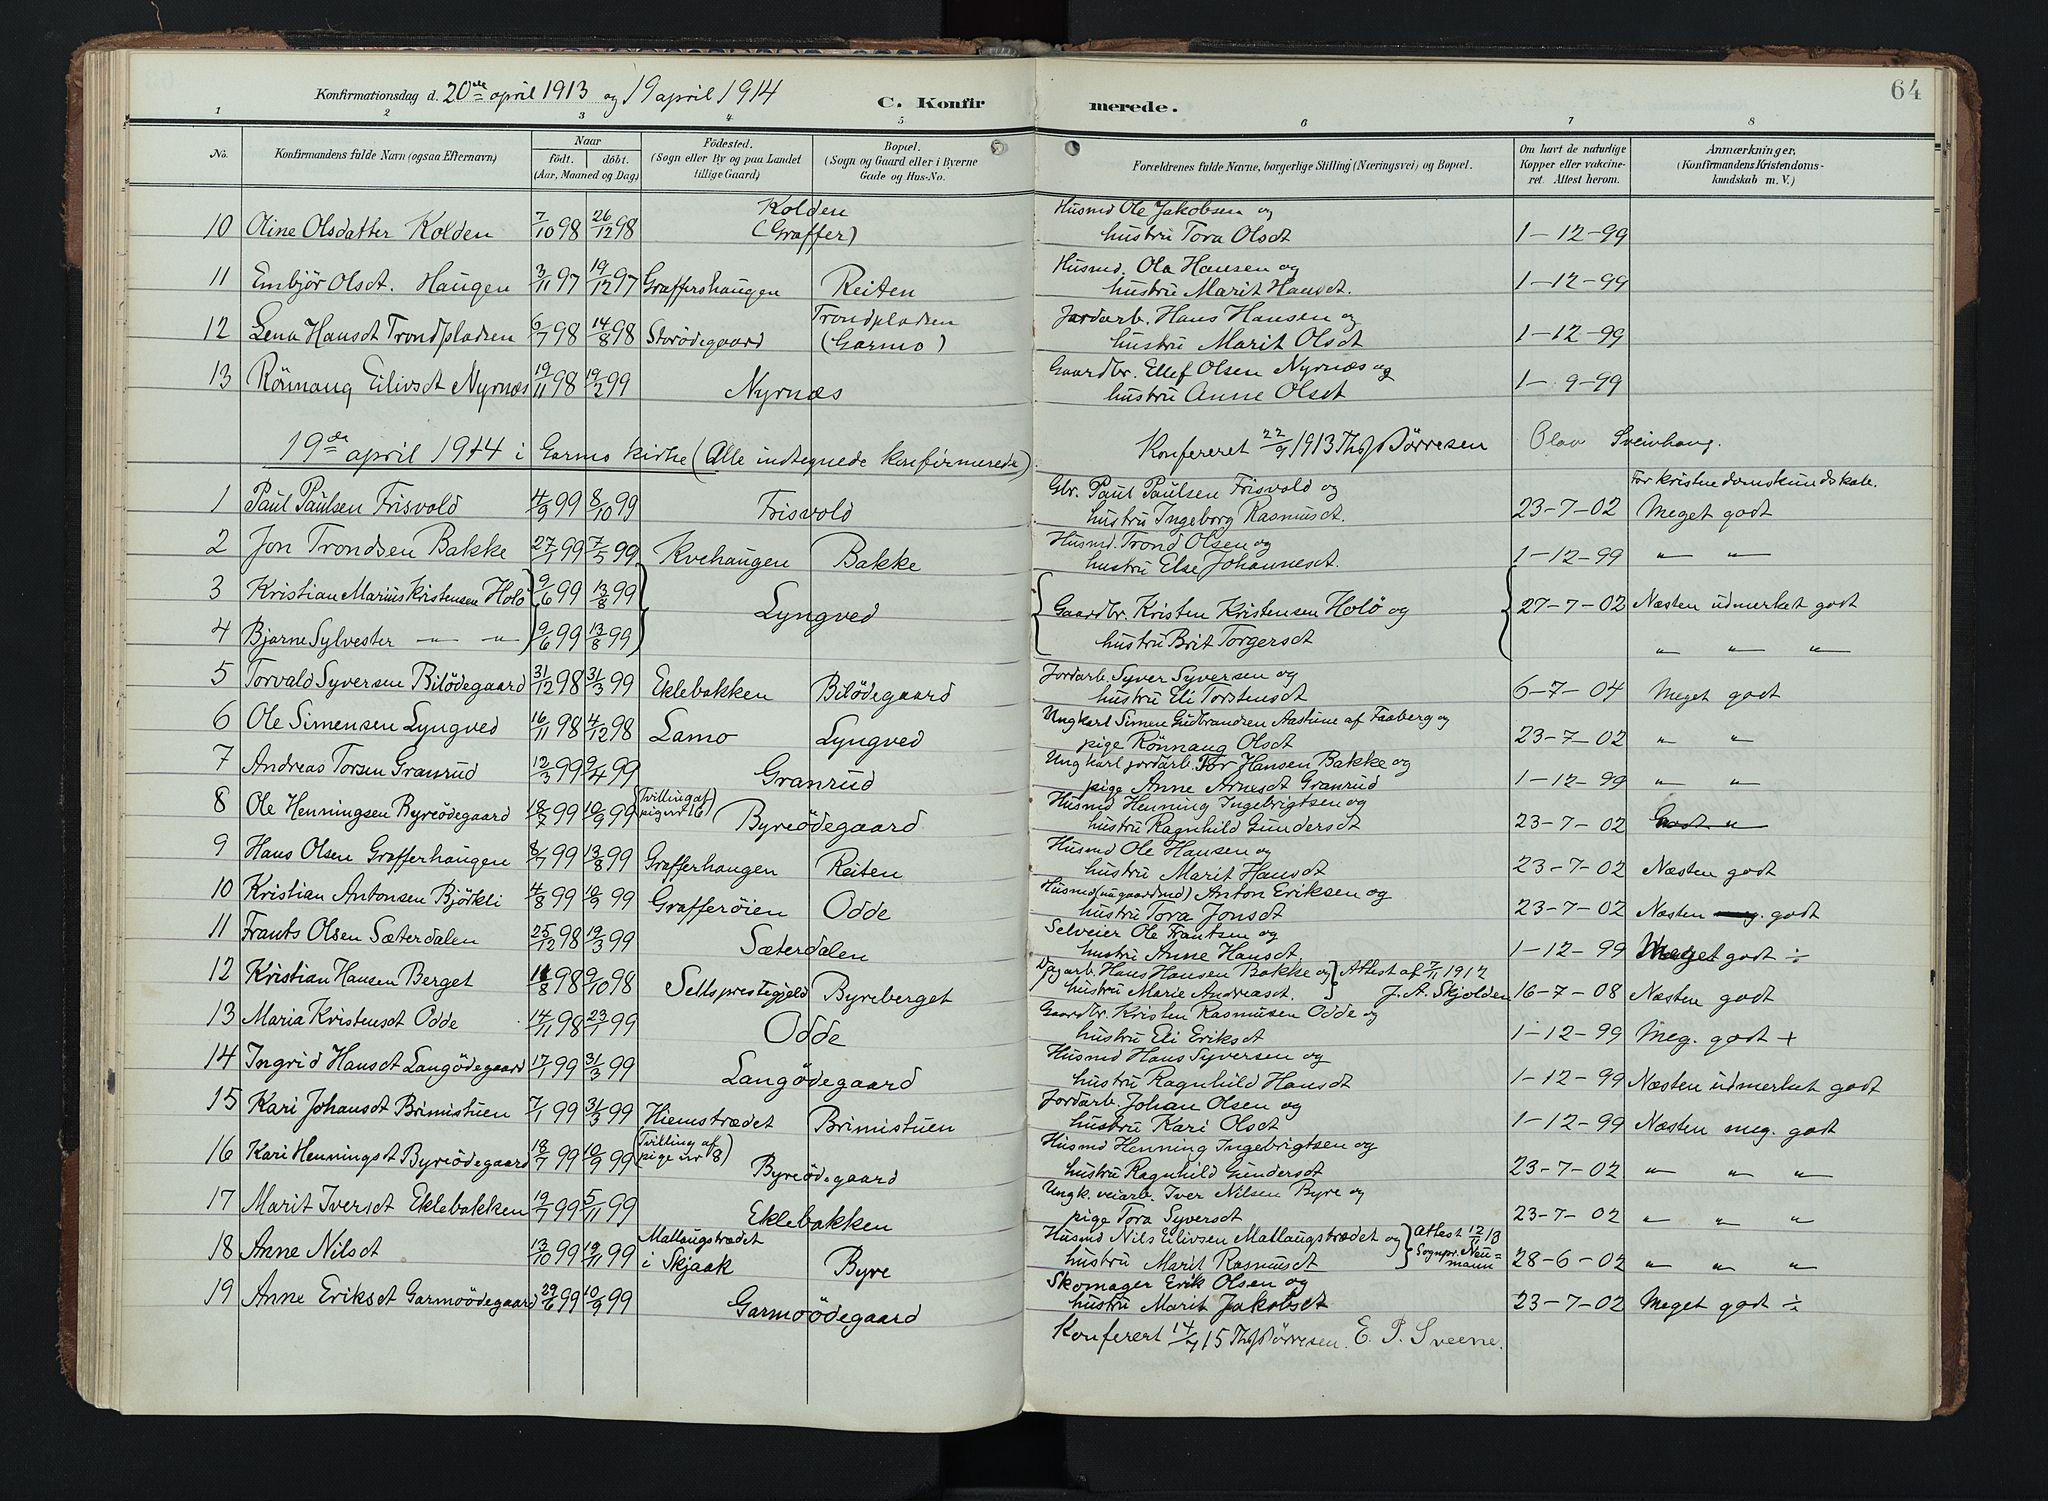 SAH, Lom prestekontor, K/L0011: Ministerialbok nr. 11, 1904-1928, s. 64